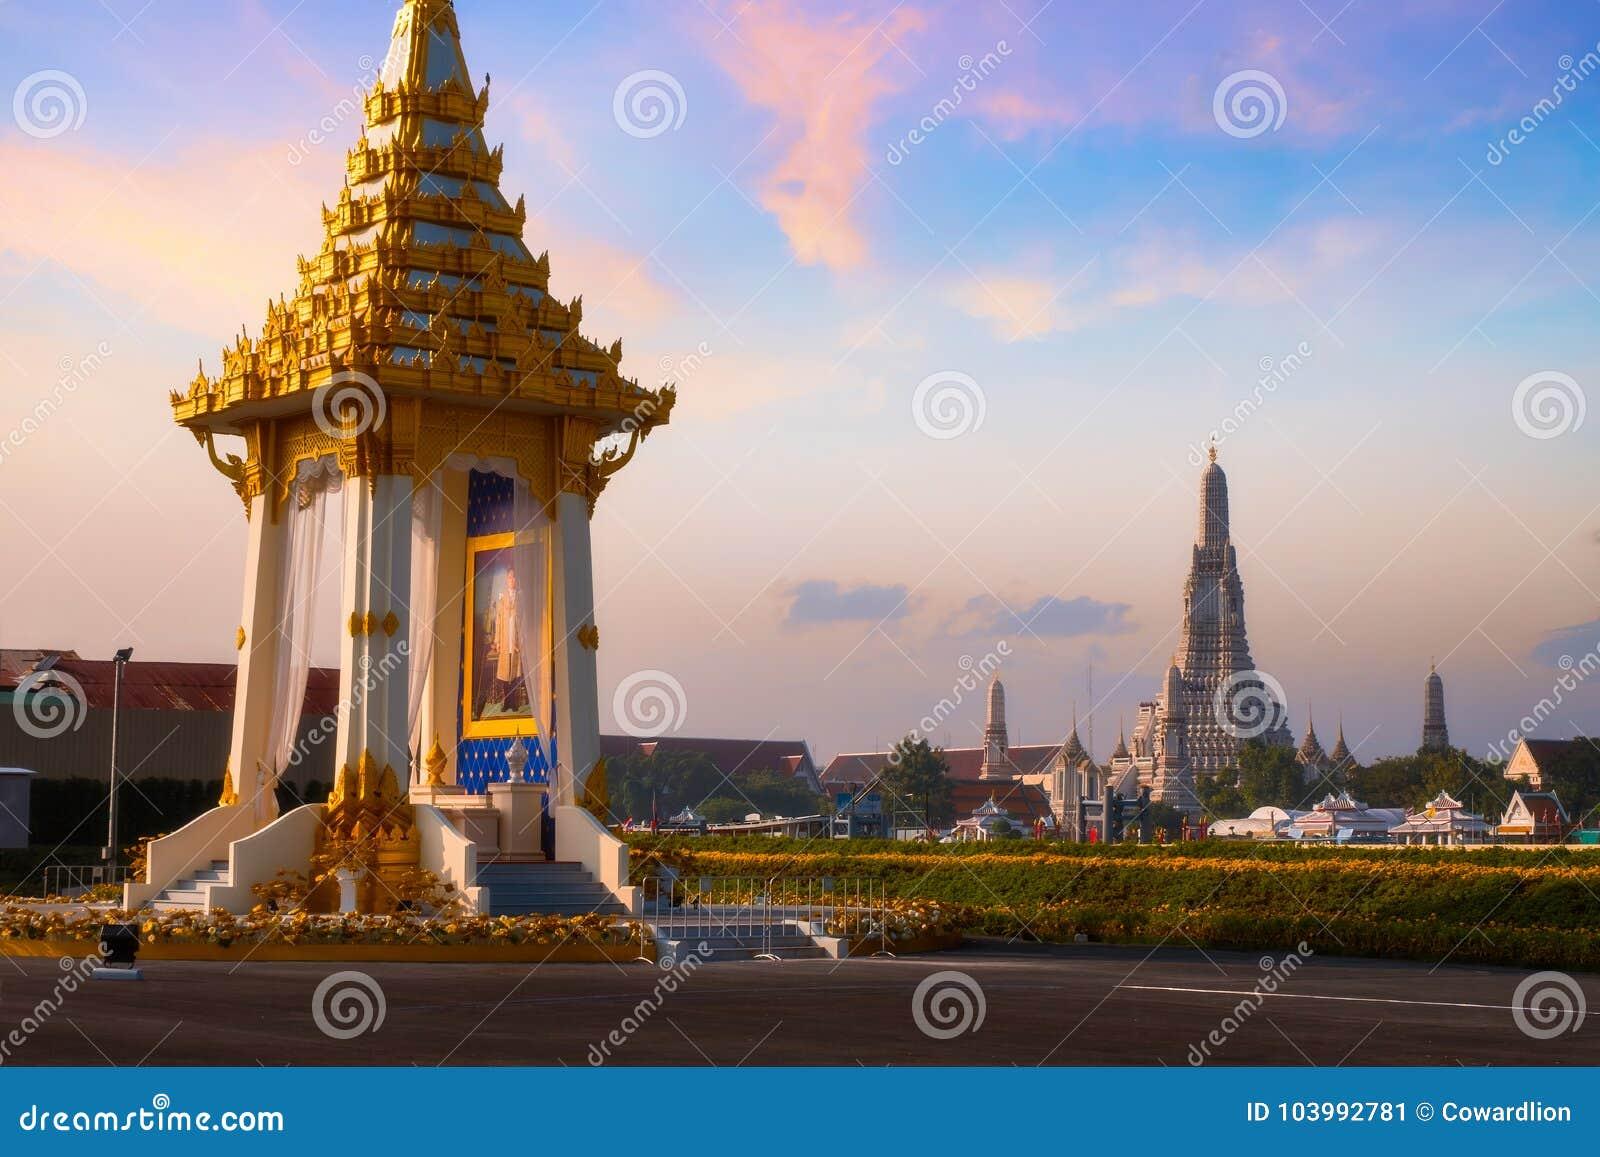 Το αντίγραφο του βασιλικού κρεματορίου του πρώην βασιλιά Bhumibol Adulyadej Αυτού Εξοχότη έχτισε για τη βασιλική κηδεία στο πάρκο